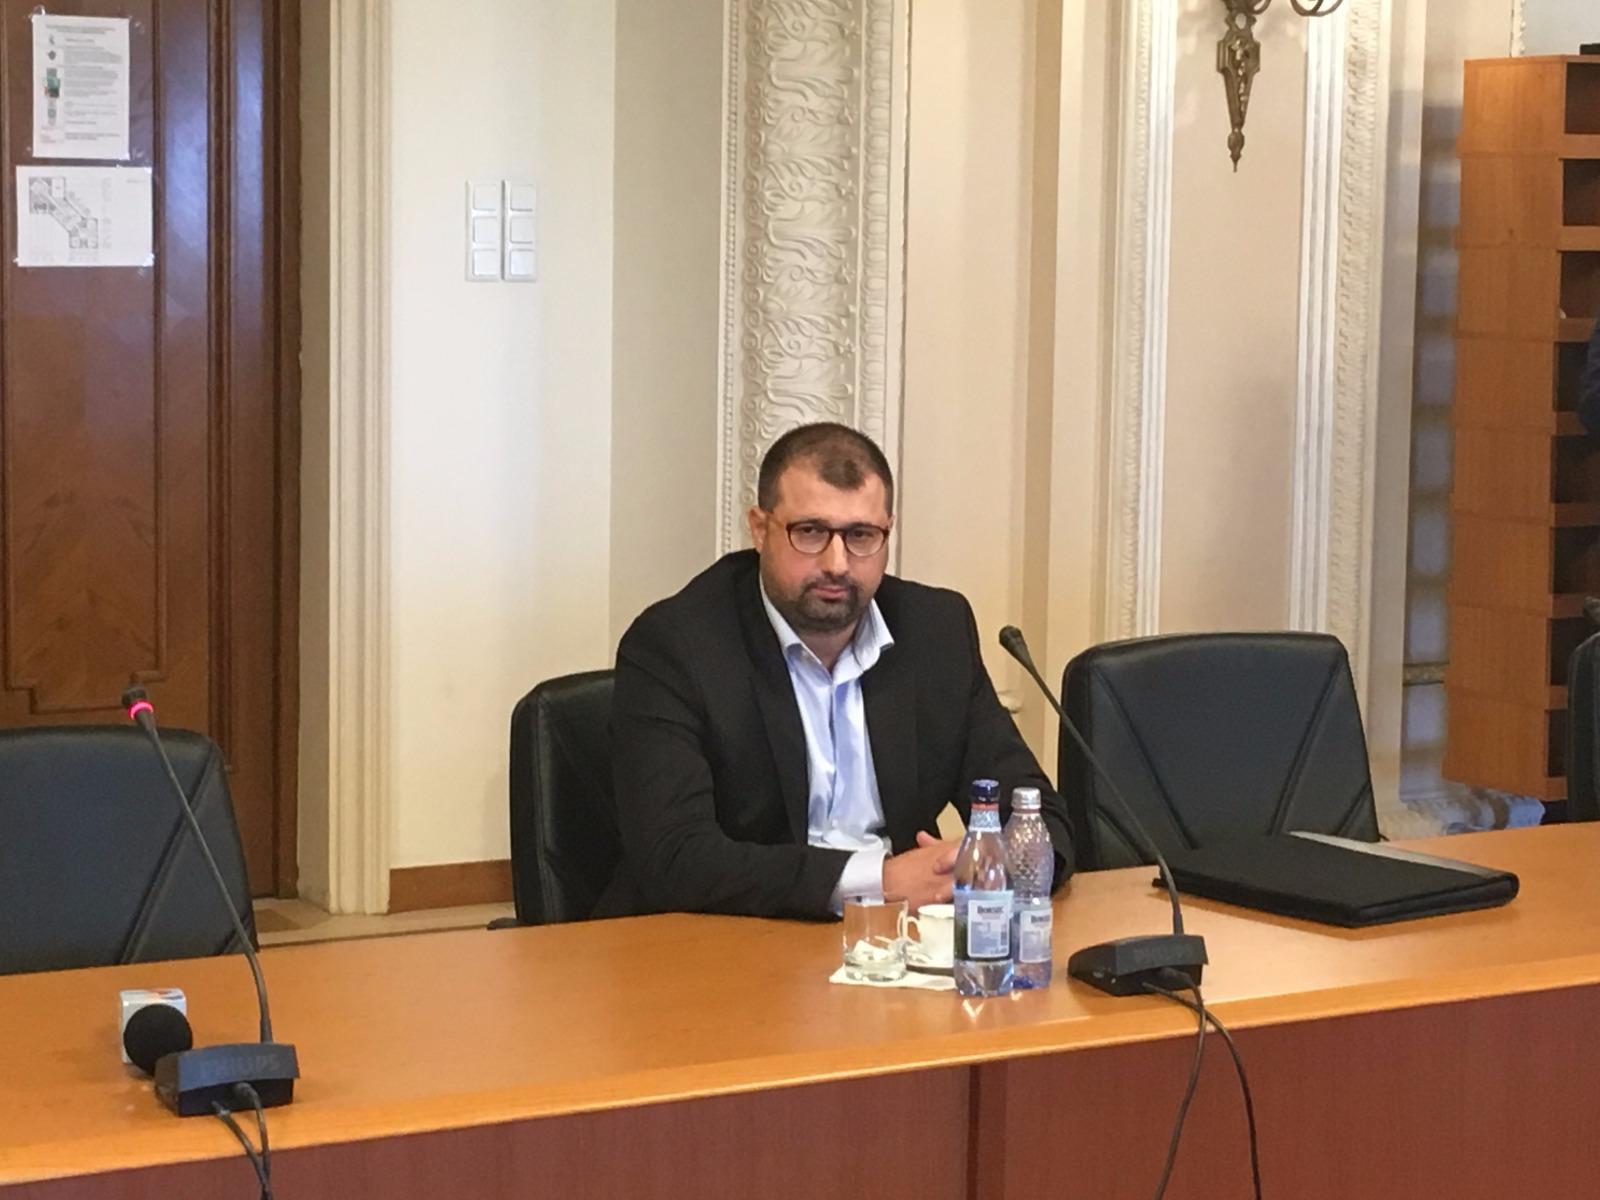 Daniel Dragomir: Disperarea lui Coldea şi Kovesi a ajuns până la a recurge la dezinformarea preşedintelui